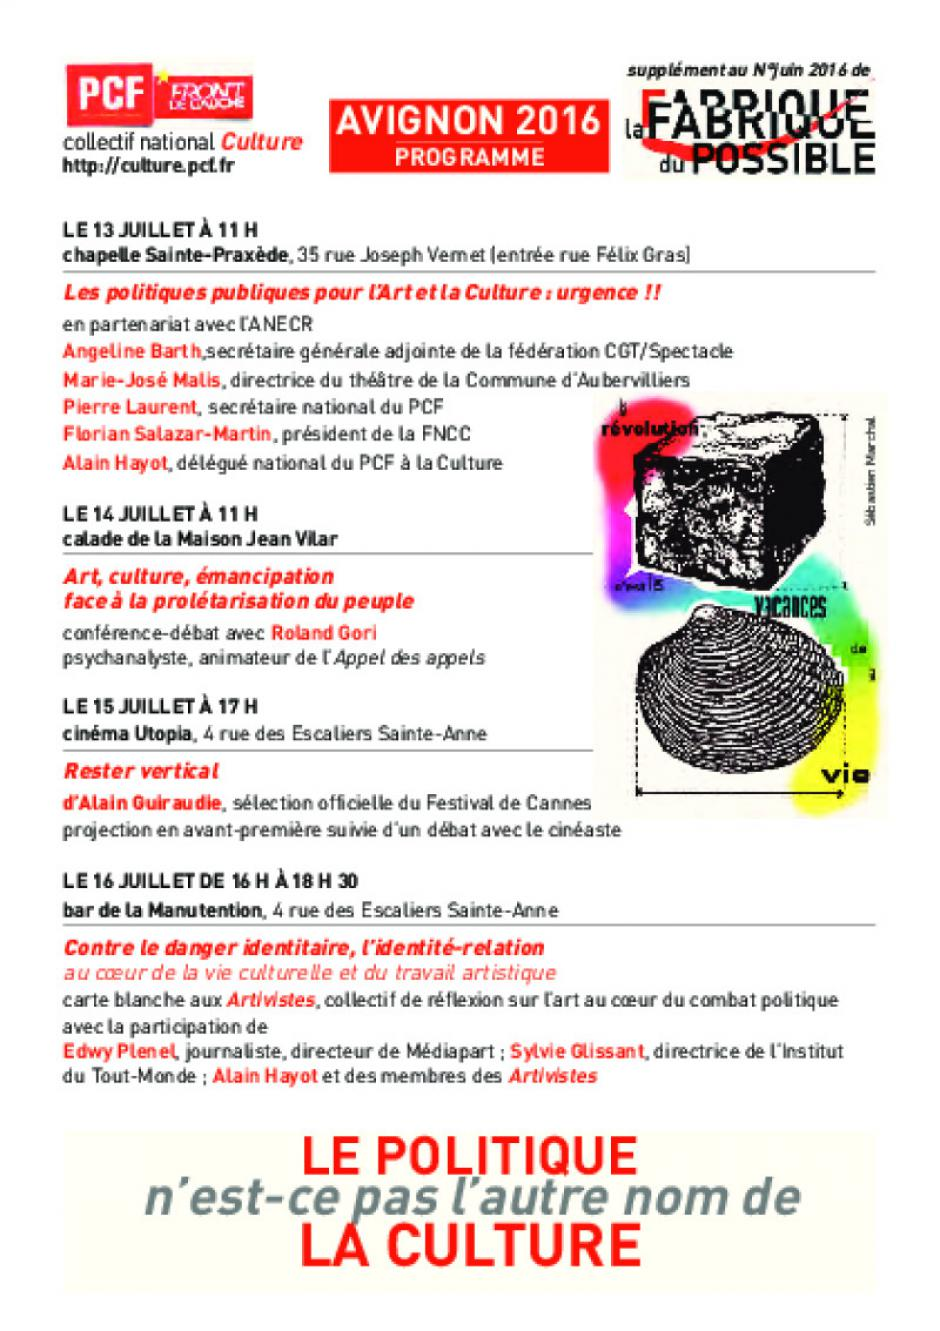 Du 13 au 16 juillet : le programme des rencontres du PCF au festival d'Avignon.